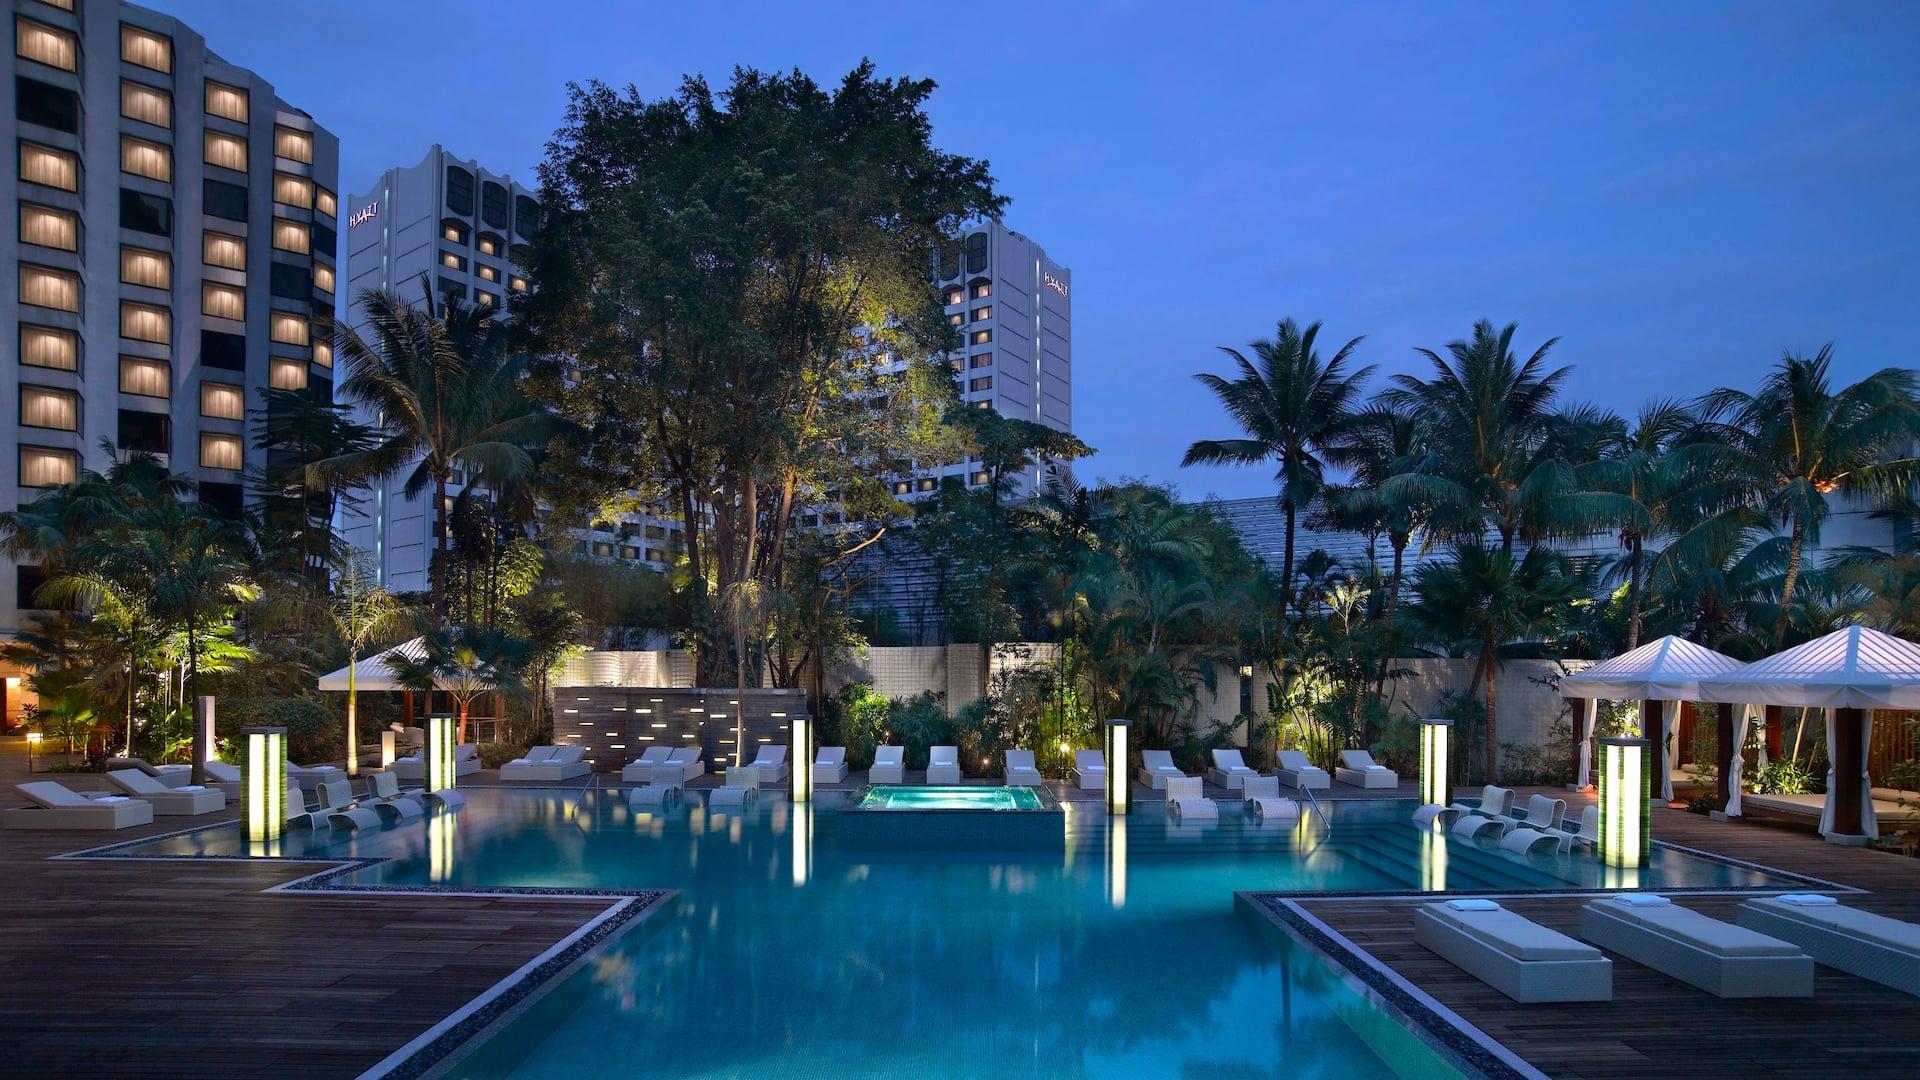 Hotel Pool Amenities The Grand Hyatt, Singapore